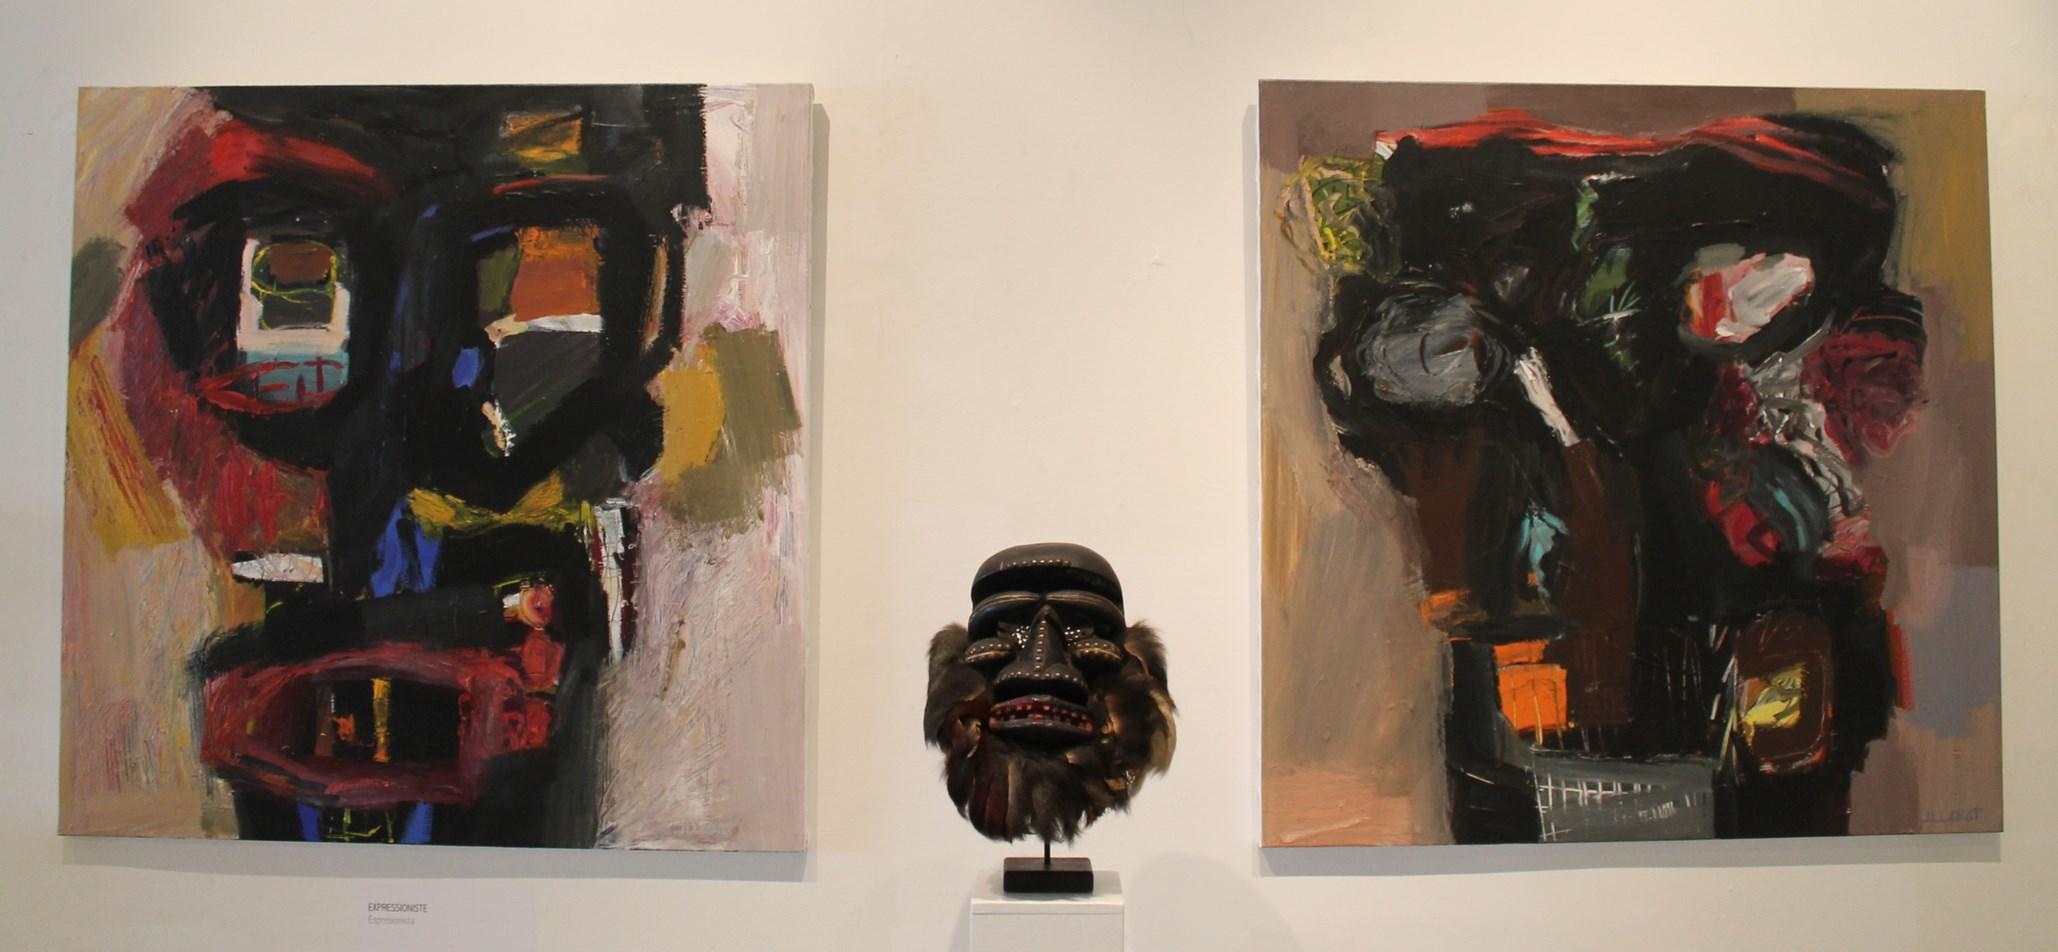 Un masque Bete (Côte d'Ivoire) entouré par deux acryliques de Jean-Luc Labat (Crédit: Yanik)